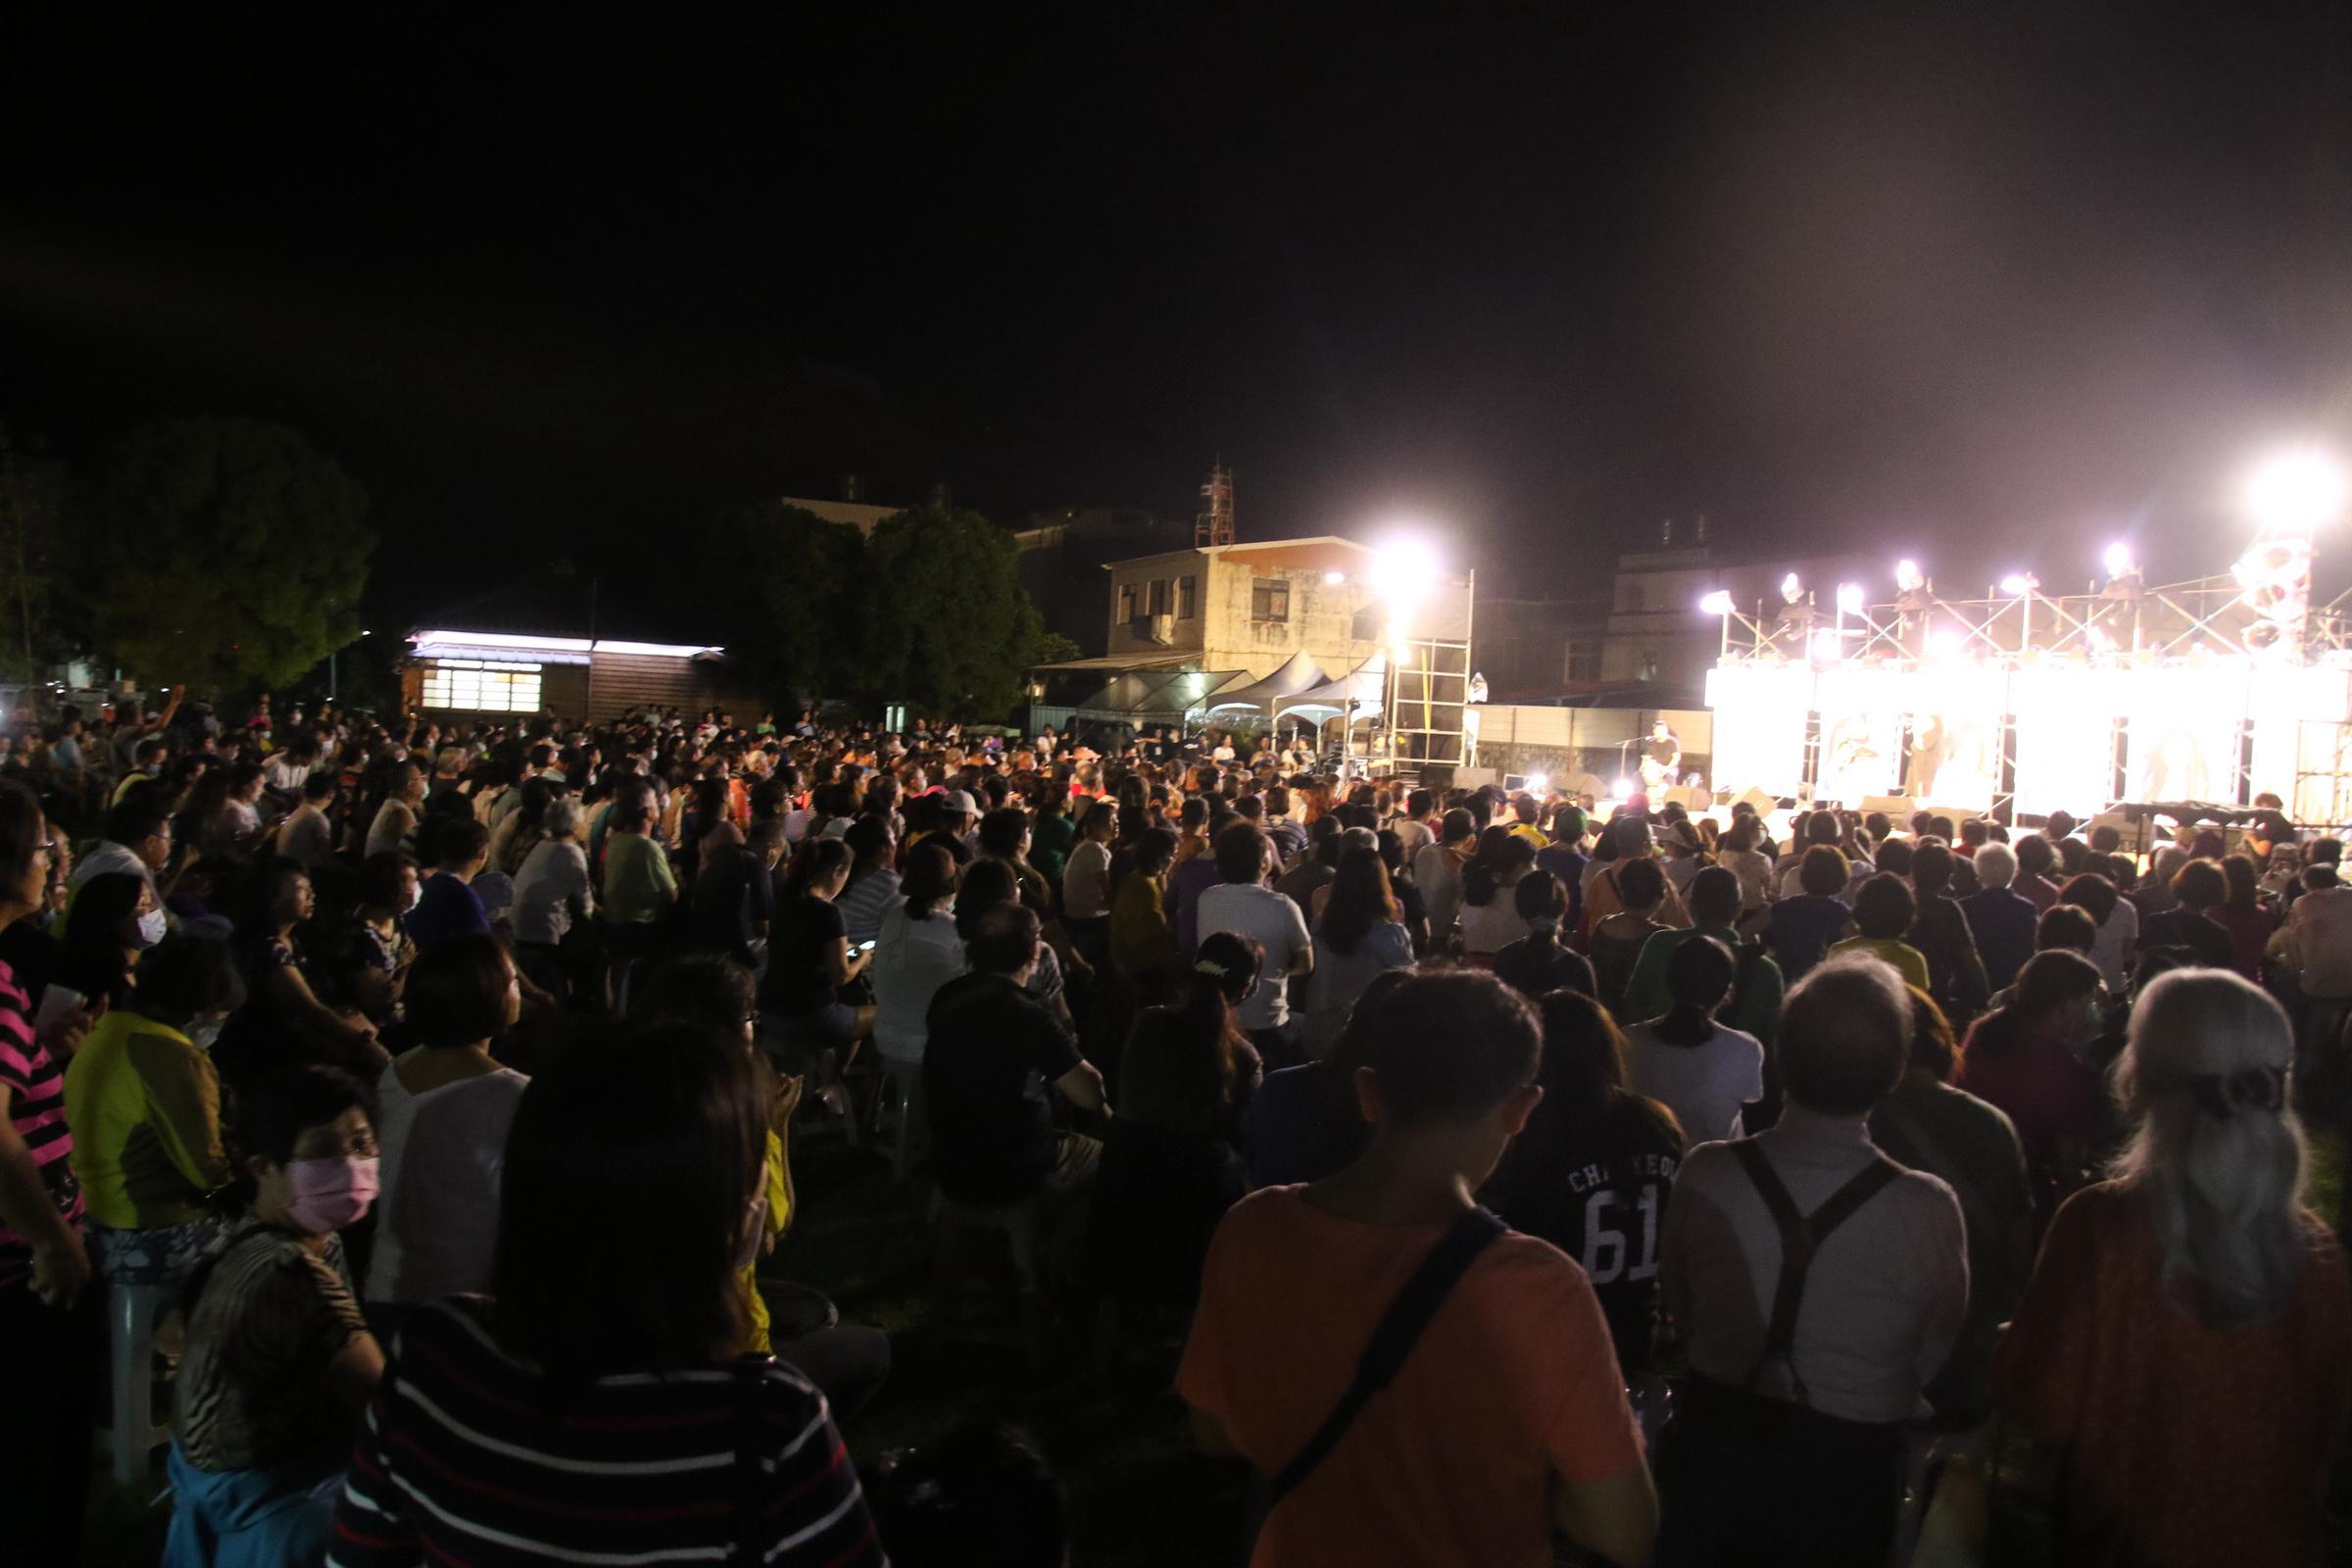 擋泥板女神 臺東高歌回憶青澀年代,1200個位置座無虛席。